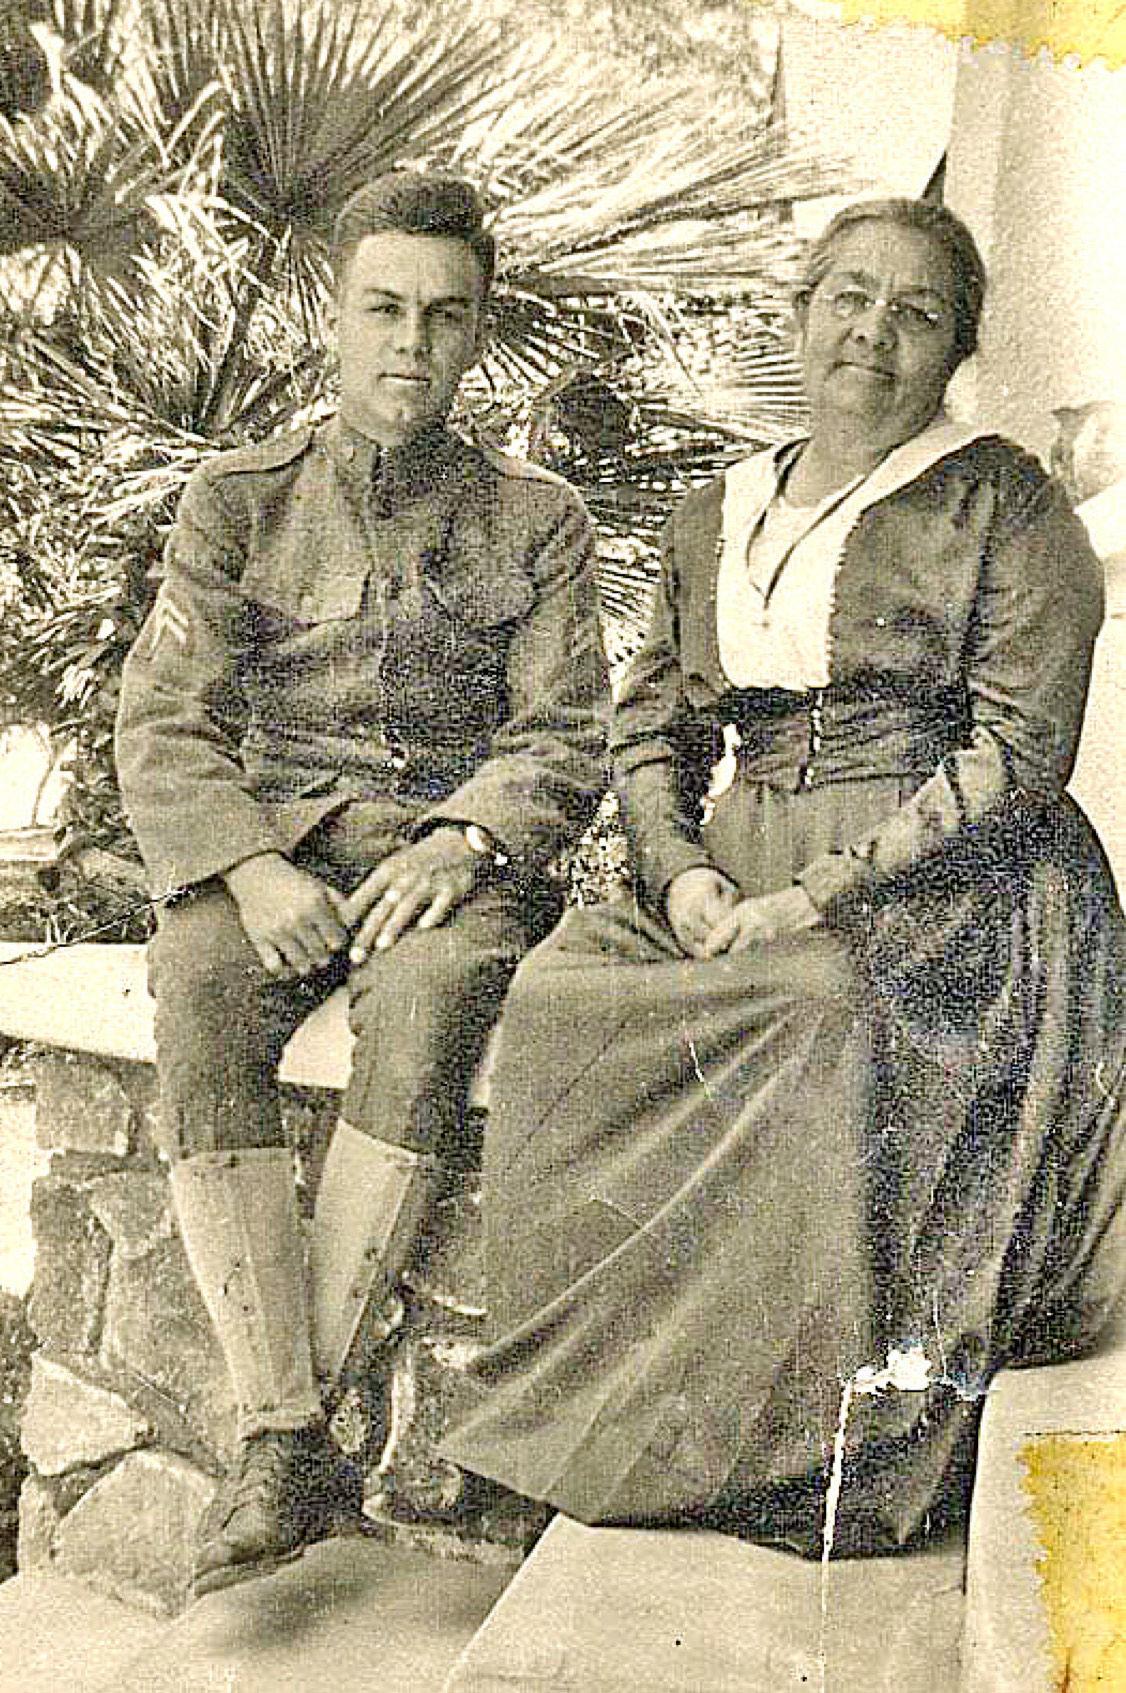 World War I centenary: Ernest A. Sayre